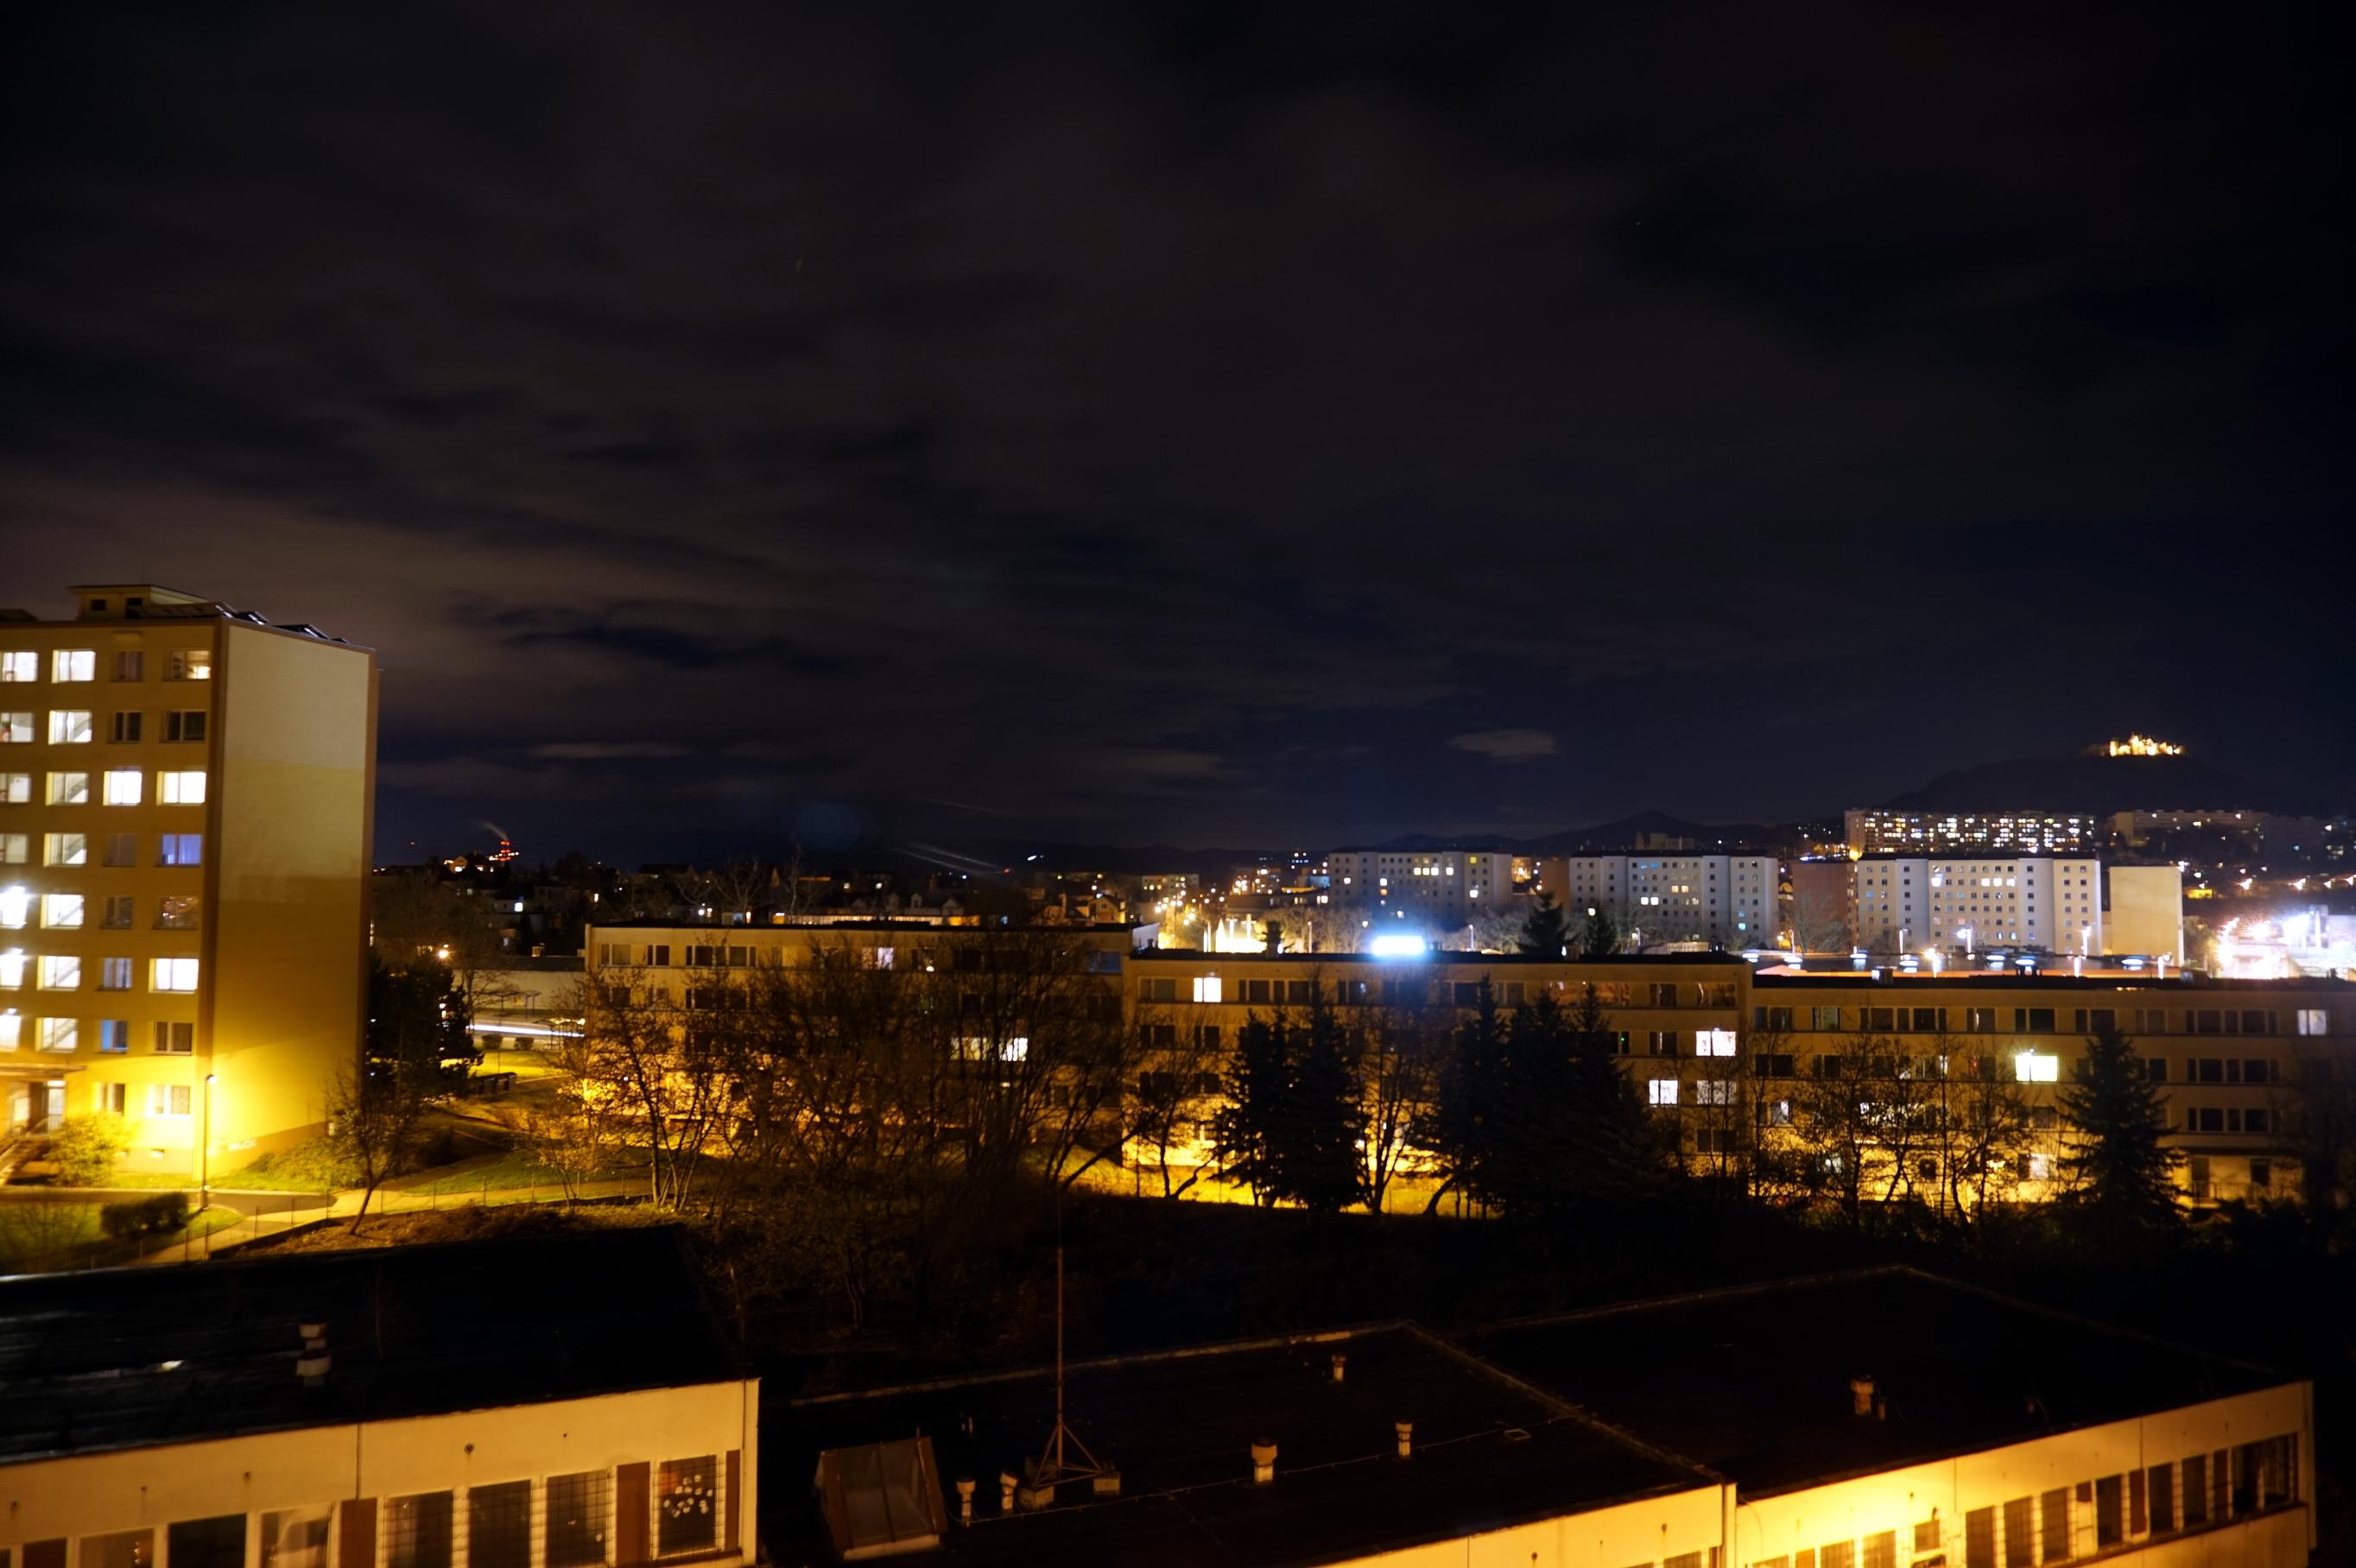 Teplice - 2014-11-16 18-04-41 (Trnovany)